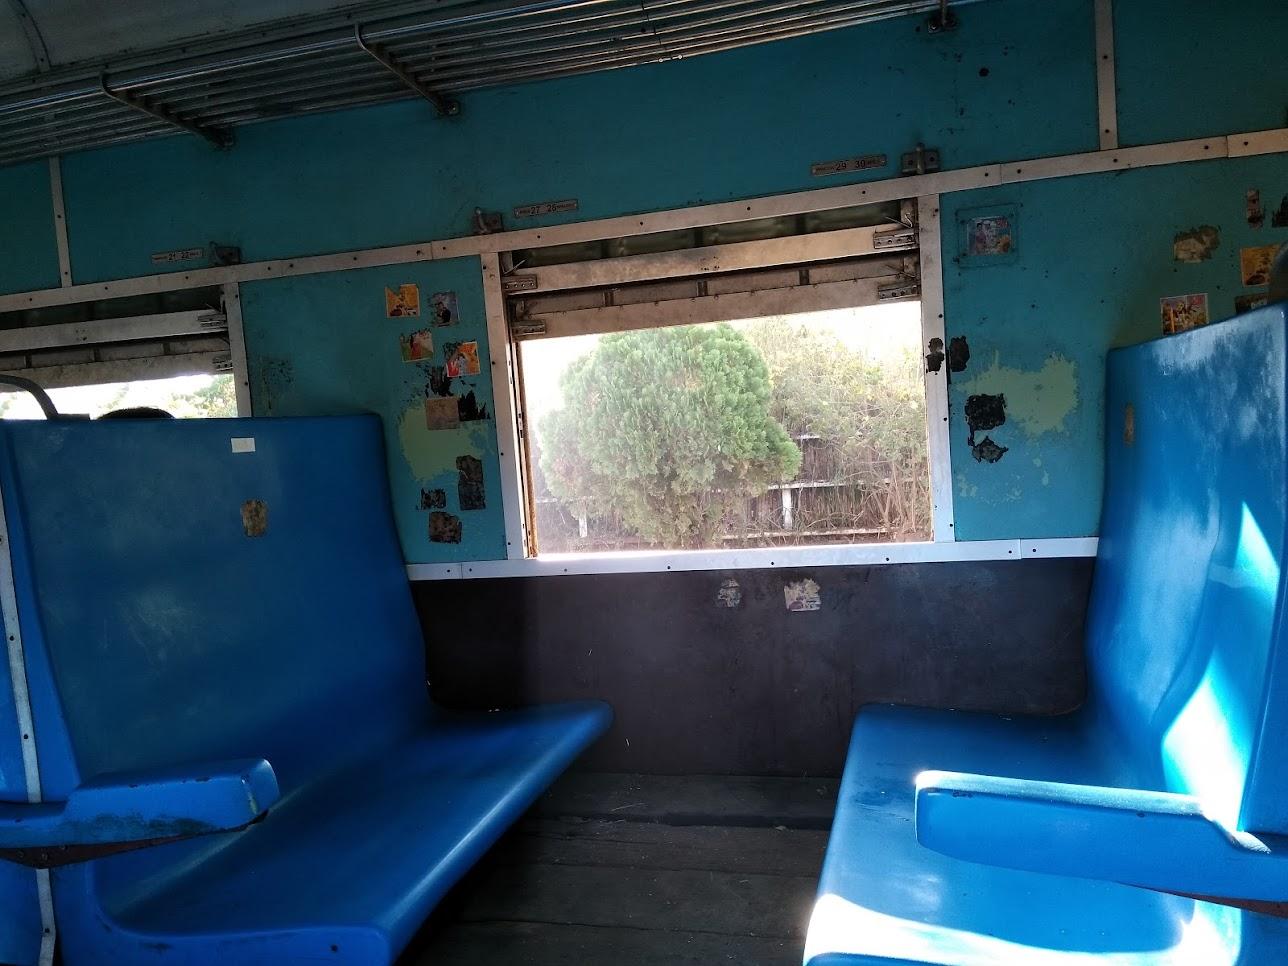 電車内の青い椅子